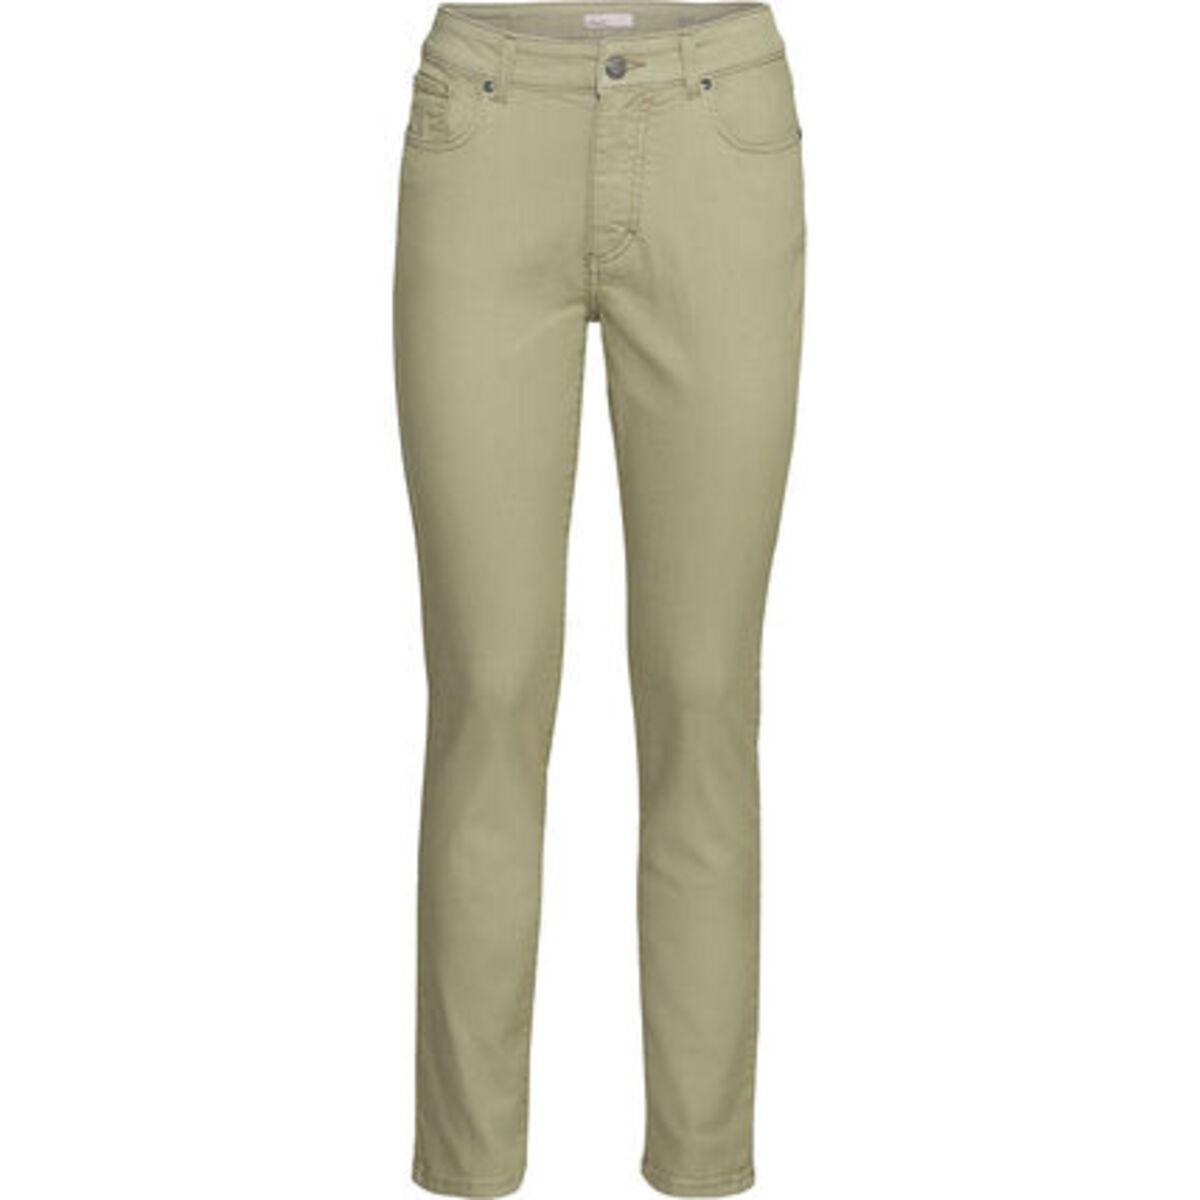 """Bild 1 von Adagio Jeans """"Anke"""", 5-Pocket, Stretch, Skinny Fit, für Damen"""